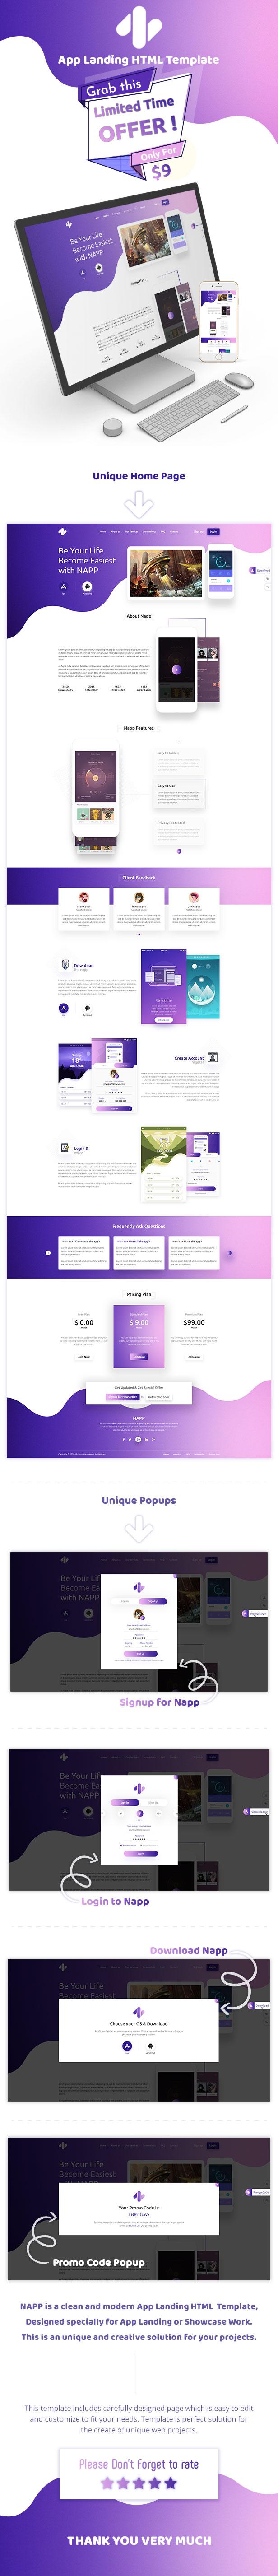 Banner_Offer_HTML